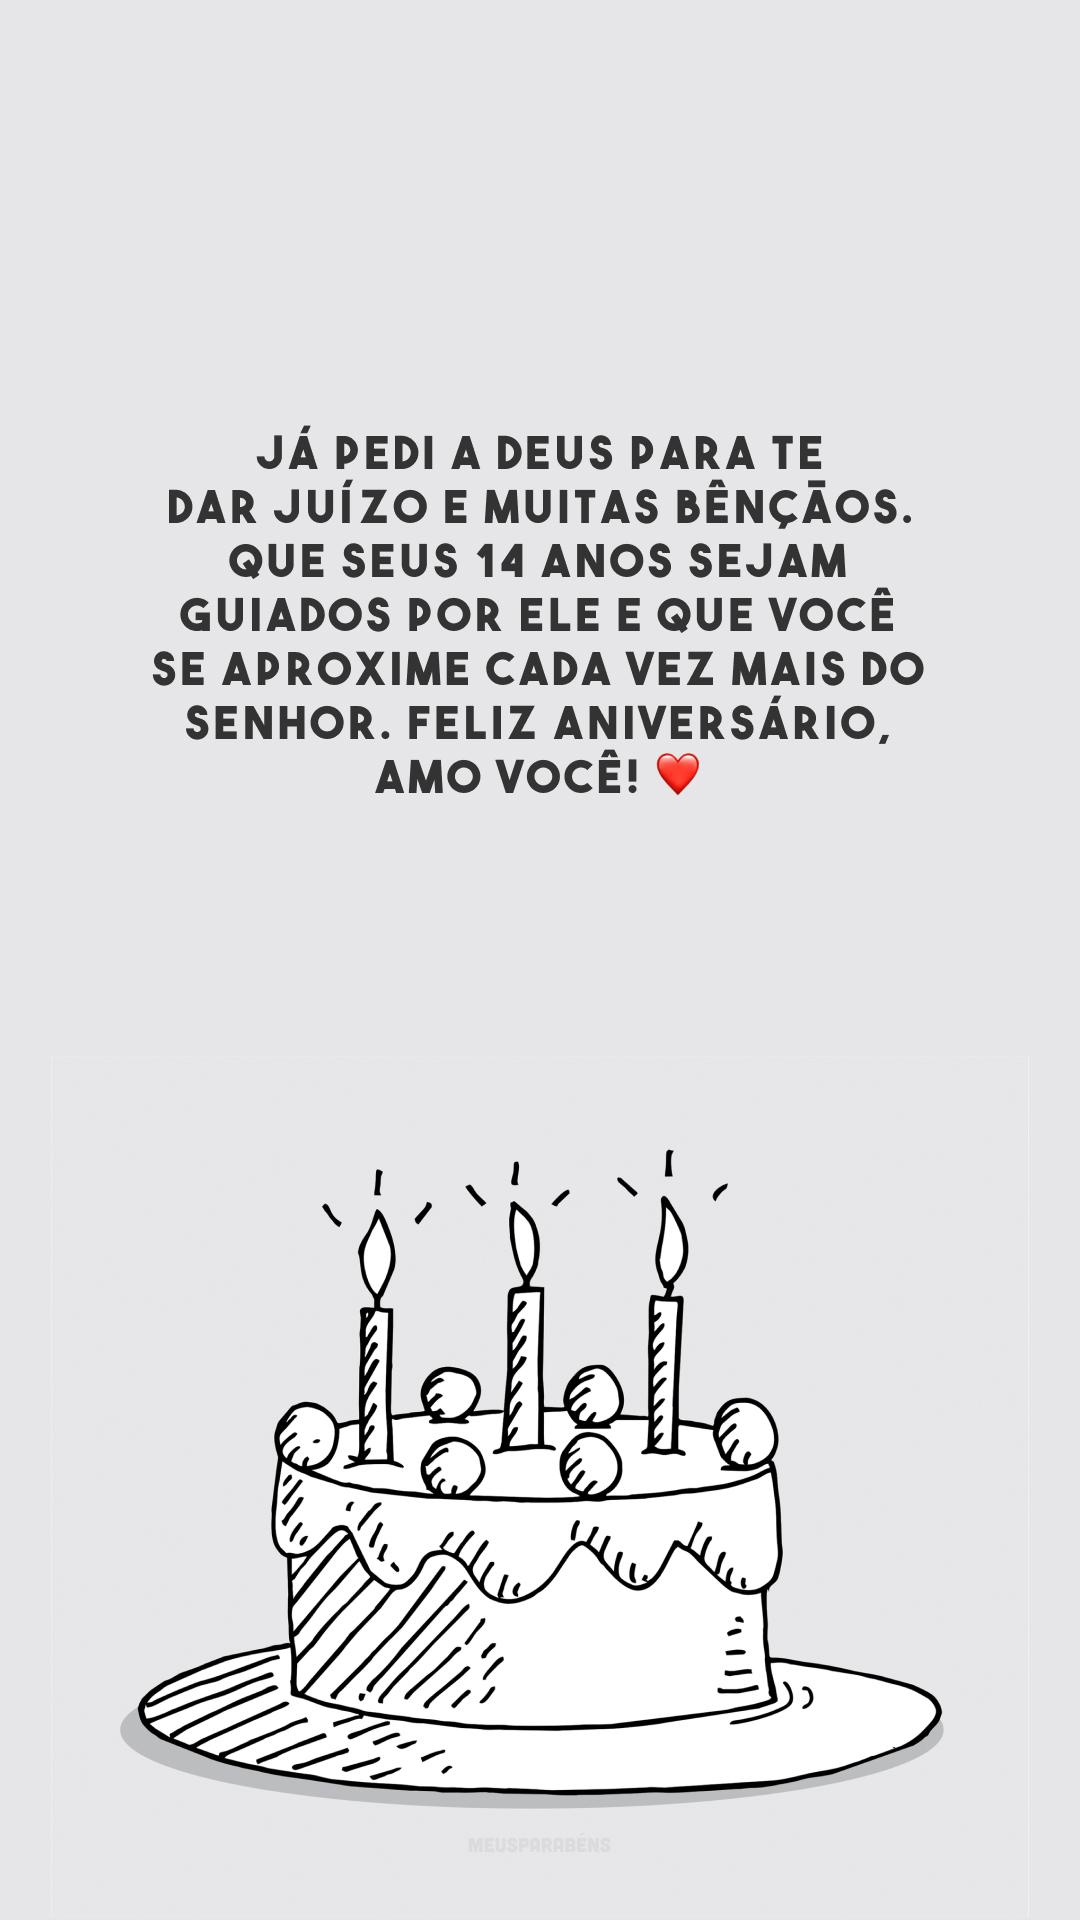 Já pedi a Deus para te dar juízo e muitas bênçãos. Que seus 14 anos sejam guiados por Ele e que você se aproxime cada vez mais do Senhor. Feliz aniversário, amo você! ❤️